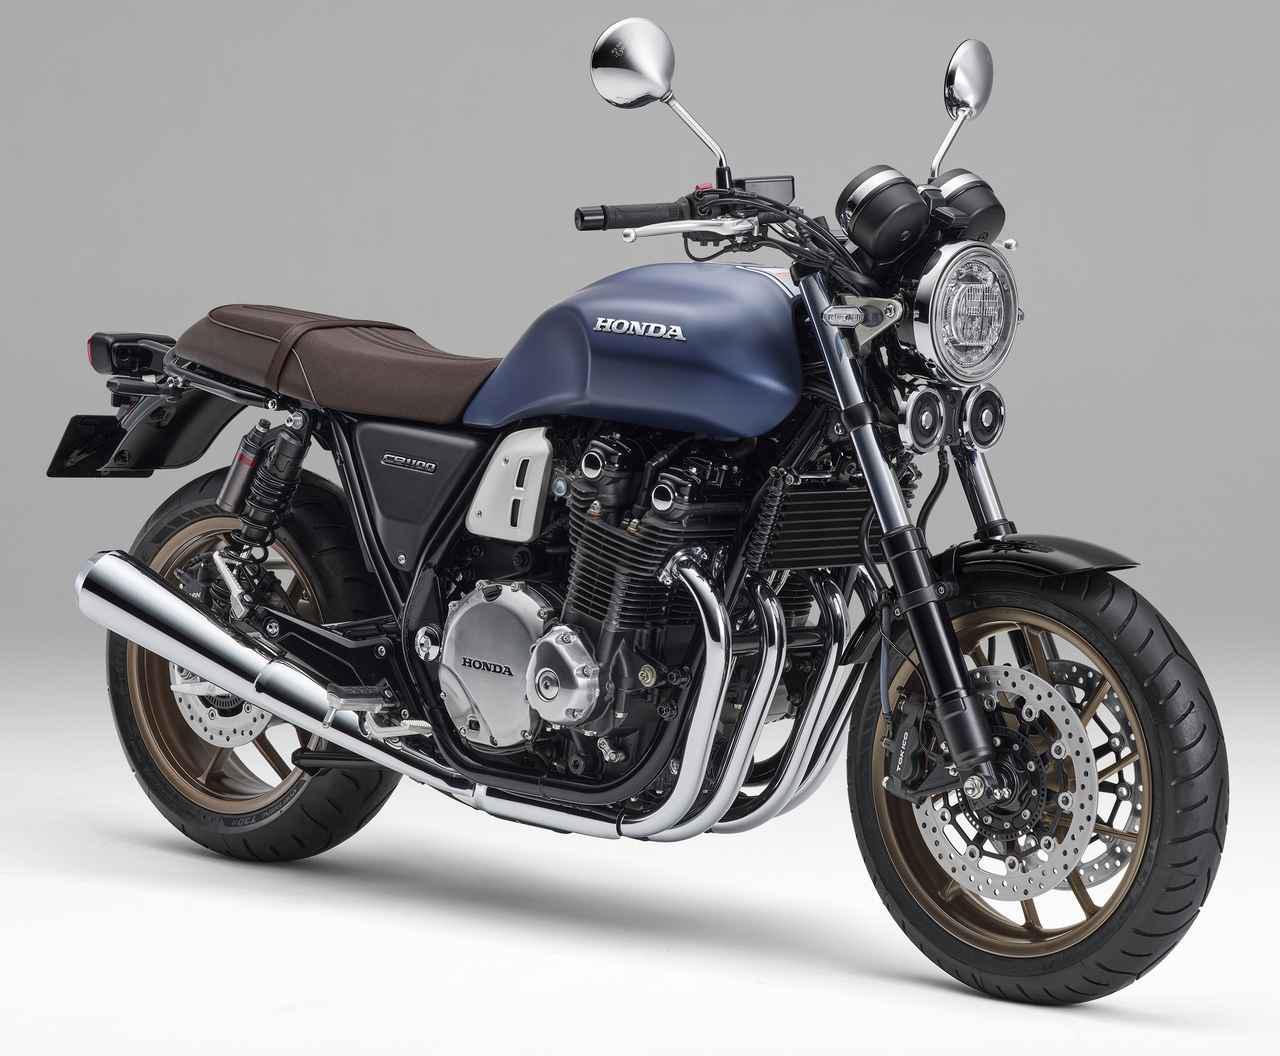 画像: Honda CB1100 RS Final Edition 総排気量:1140cc エンジン形式:空冷4ストDOHC4バルブ並列4気筒 シート高:785mm 車両重量:252kg 発売日:2021年10月28日(木) 予約期間:2021年10月8日(金)~2021年11月30日(火) 税込価格:140万3600円